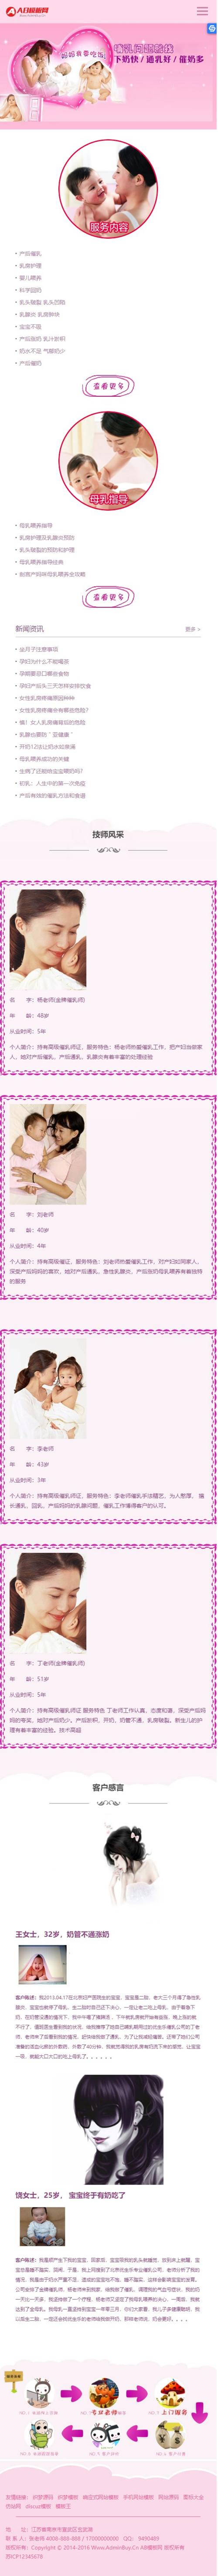 粉红色母婴月嫂网站源码 织梦dedecms模板[自适应手机版] 第2张